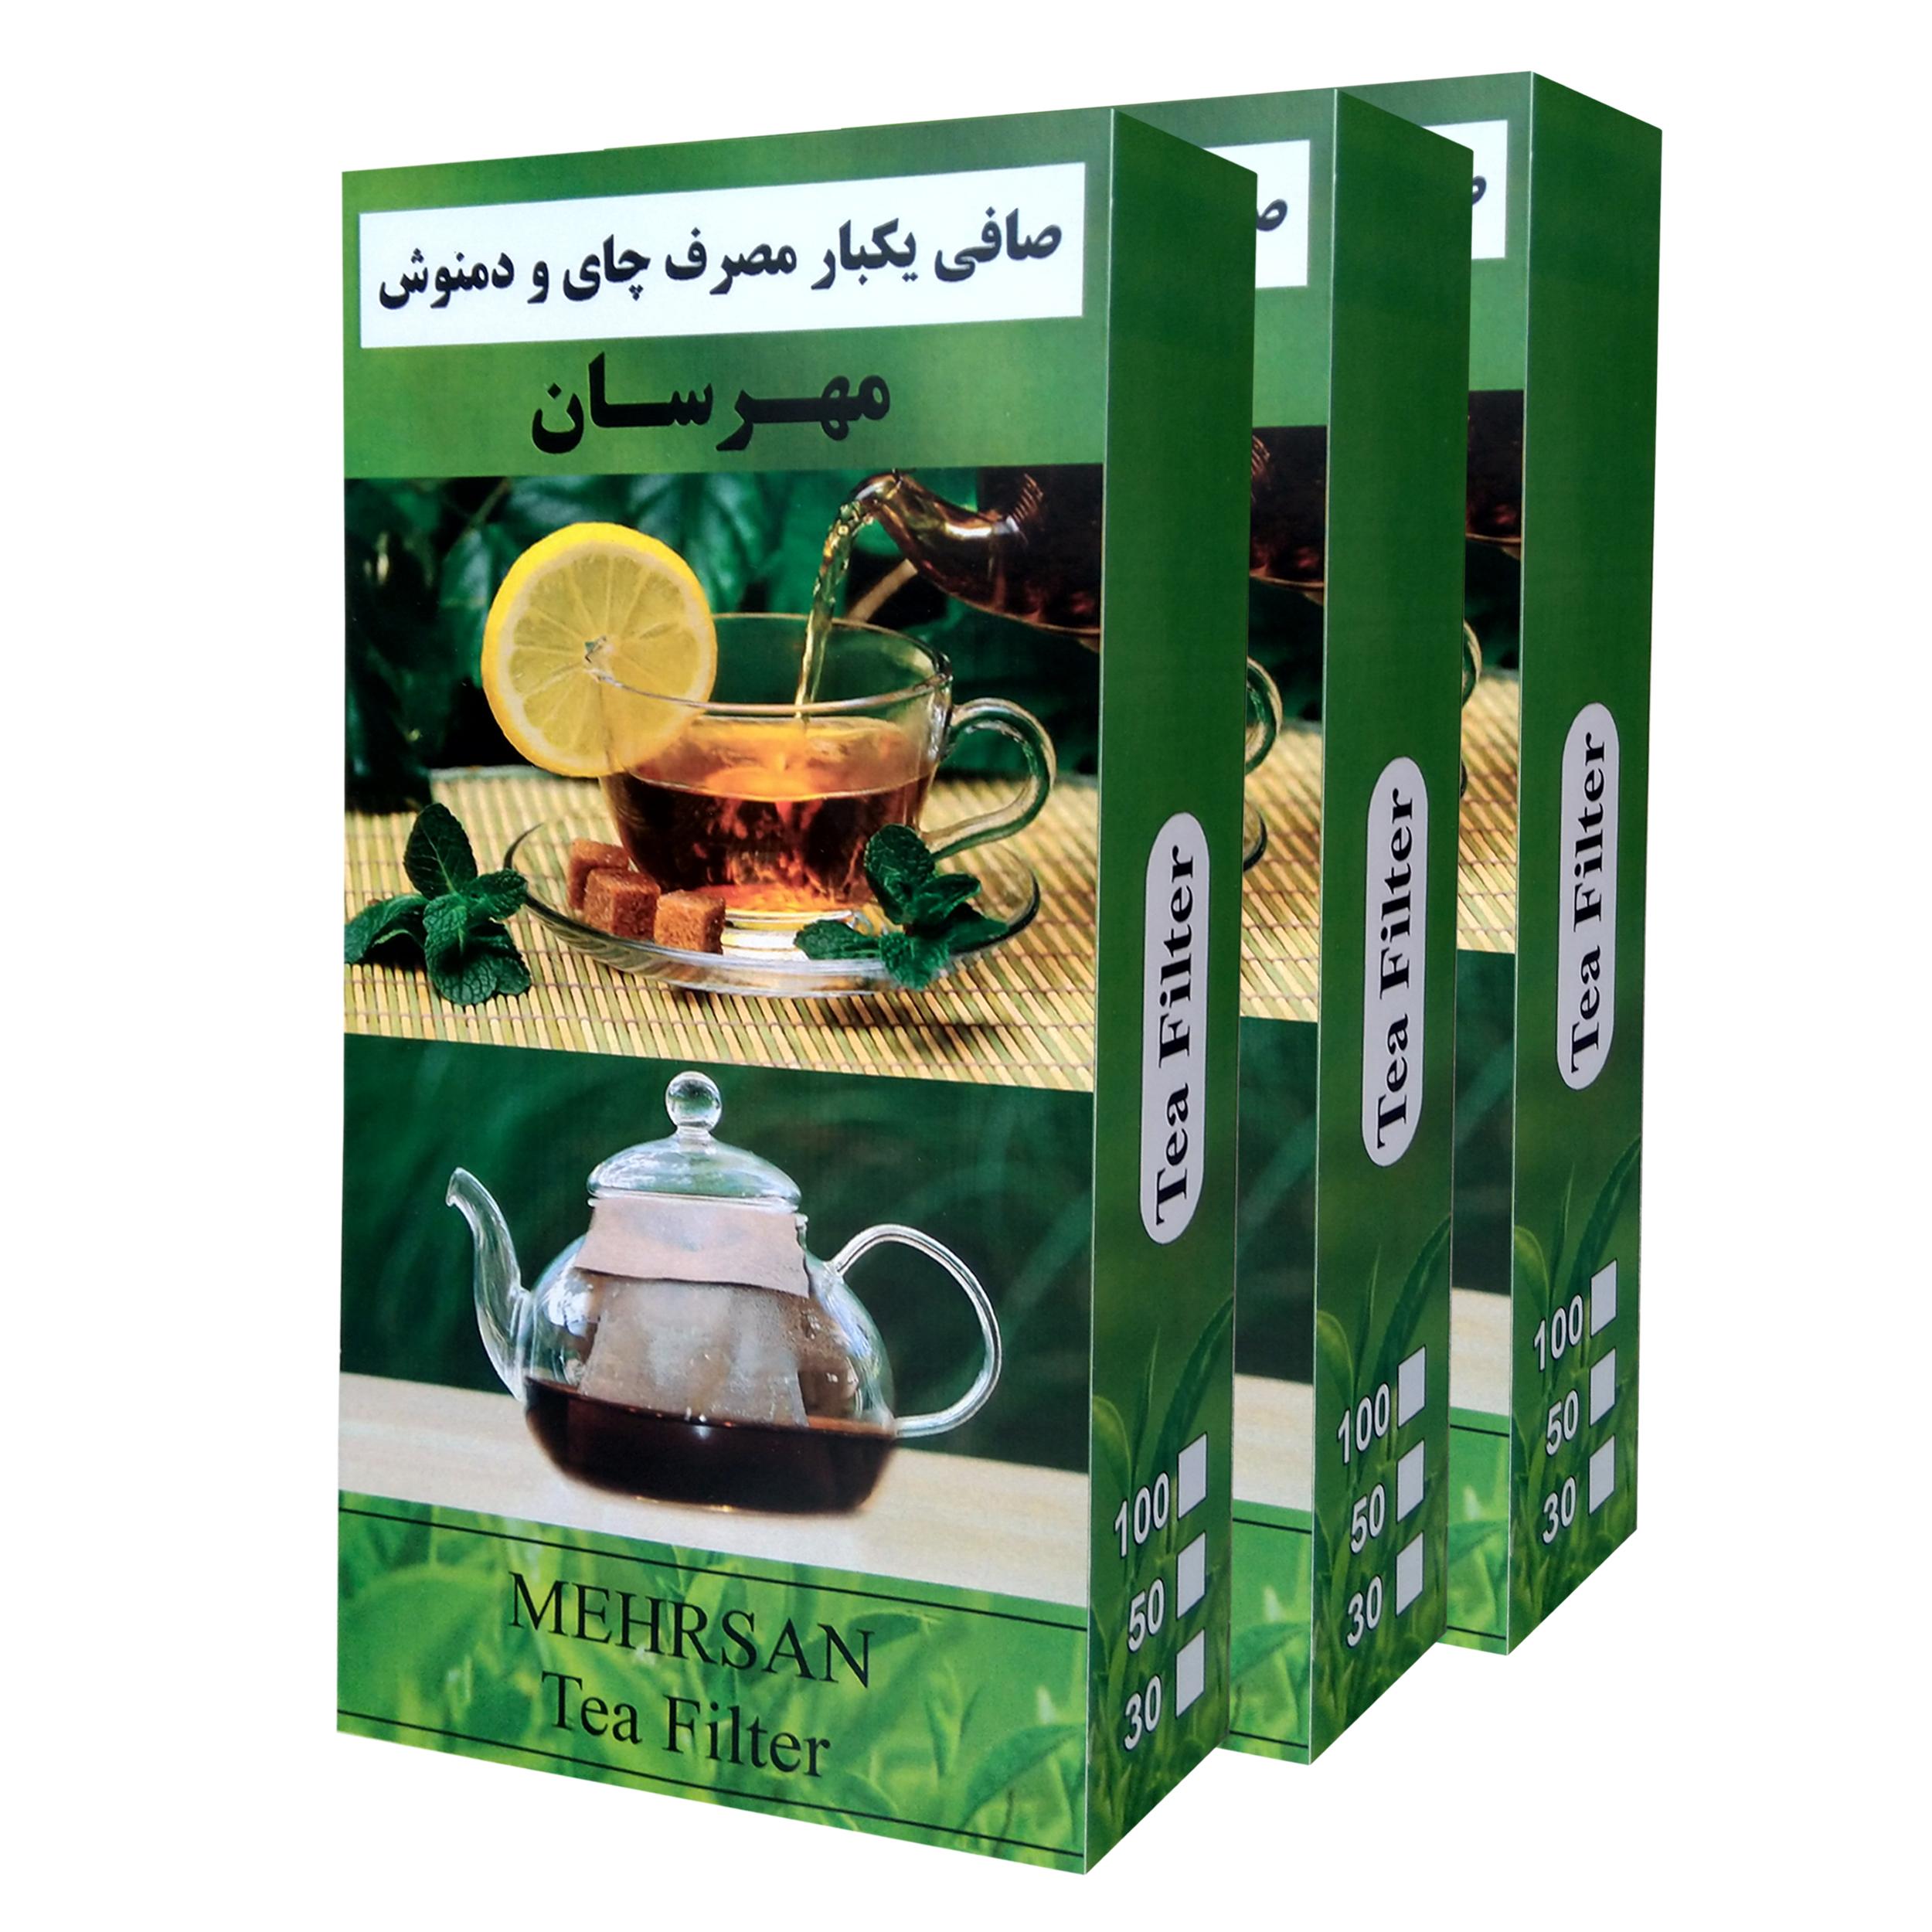 فیلتر چای مهرسان مدل MB-100 مجموعه 3 عددی